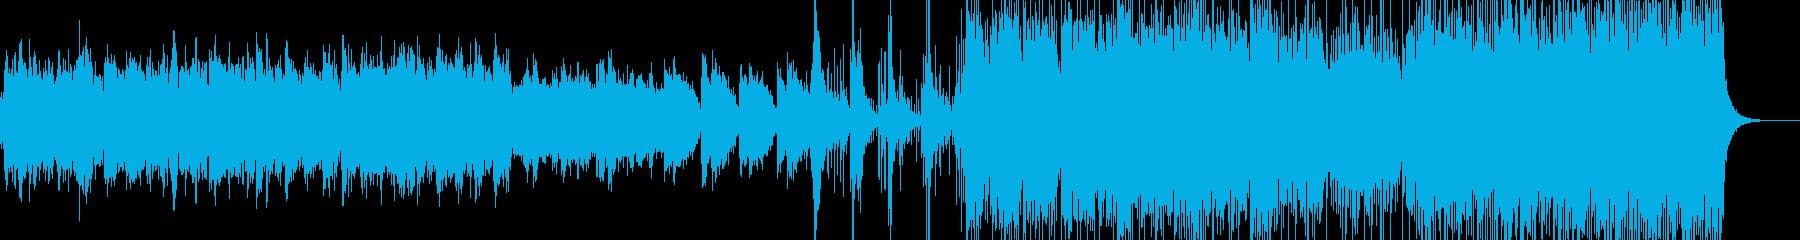 ゆったり和風BGMの再生済みの波形